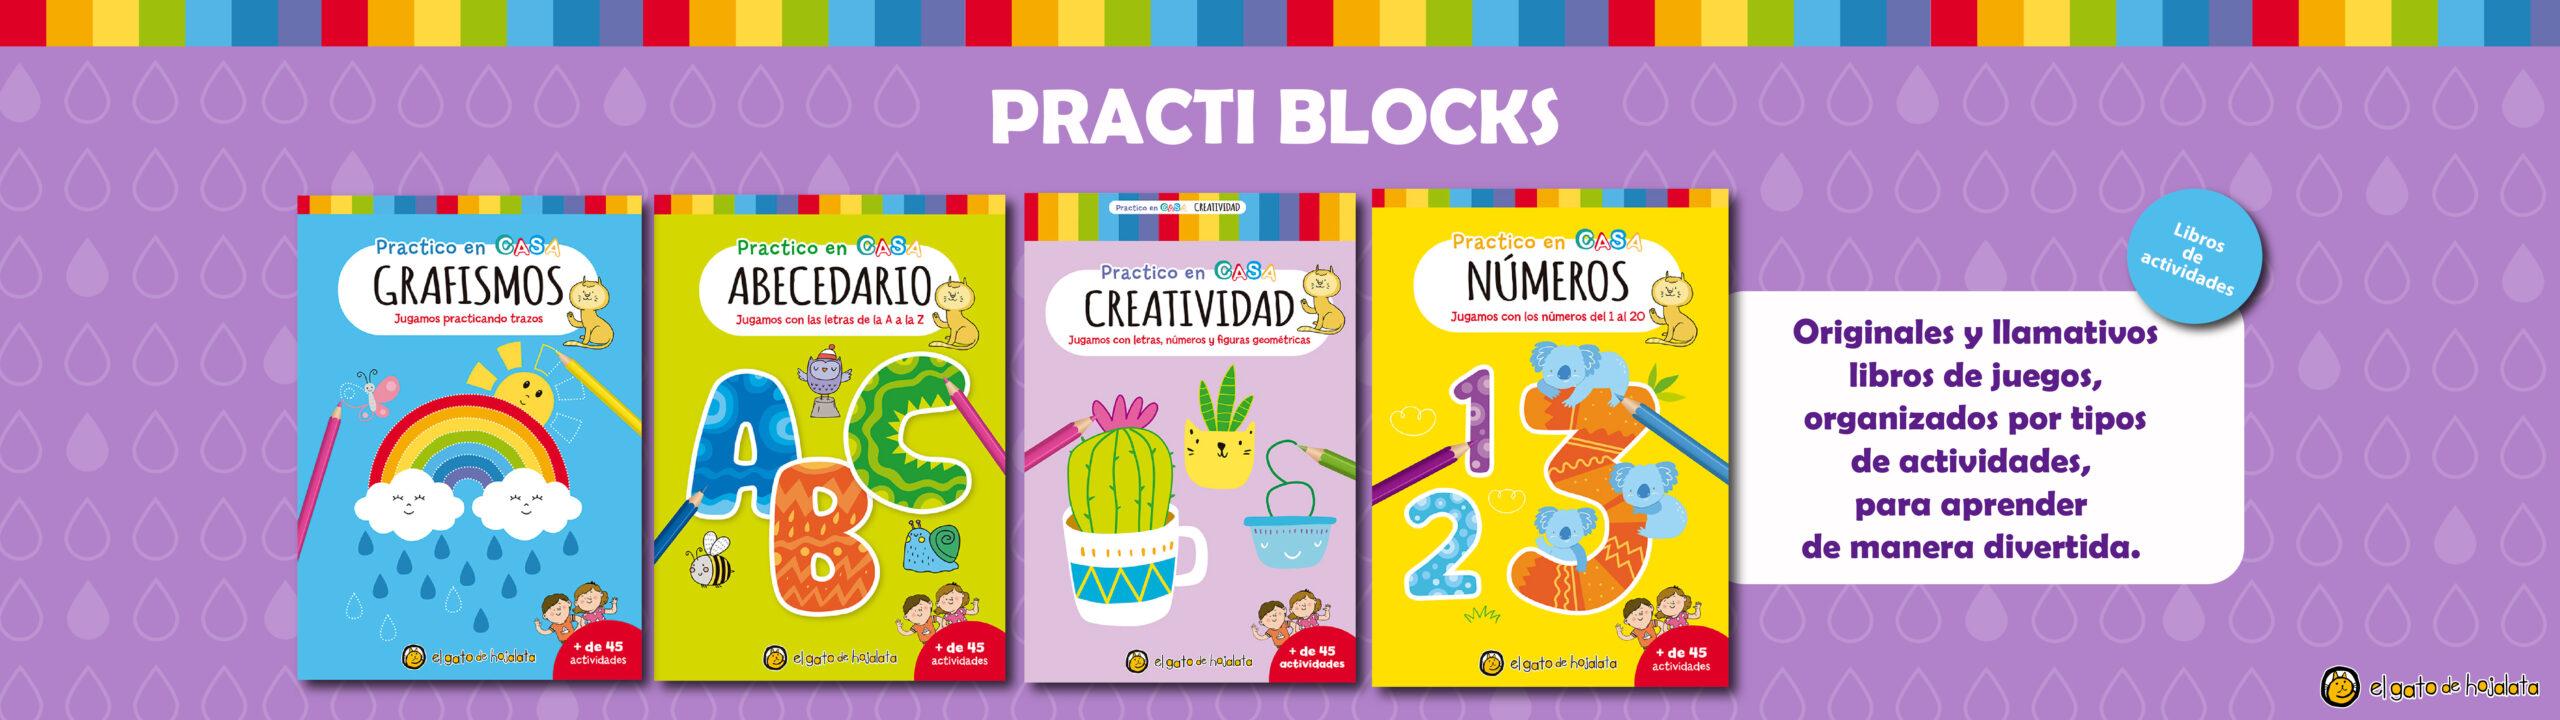 Practi Blocks_BANNER WEB_1920X540